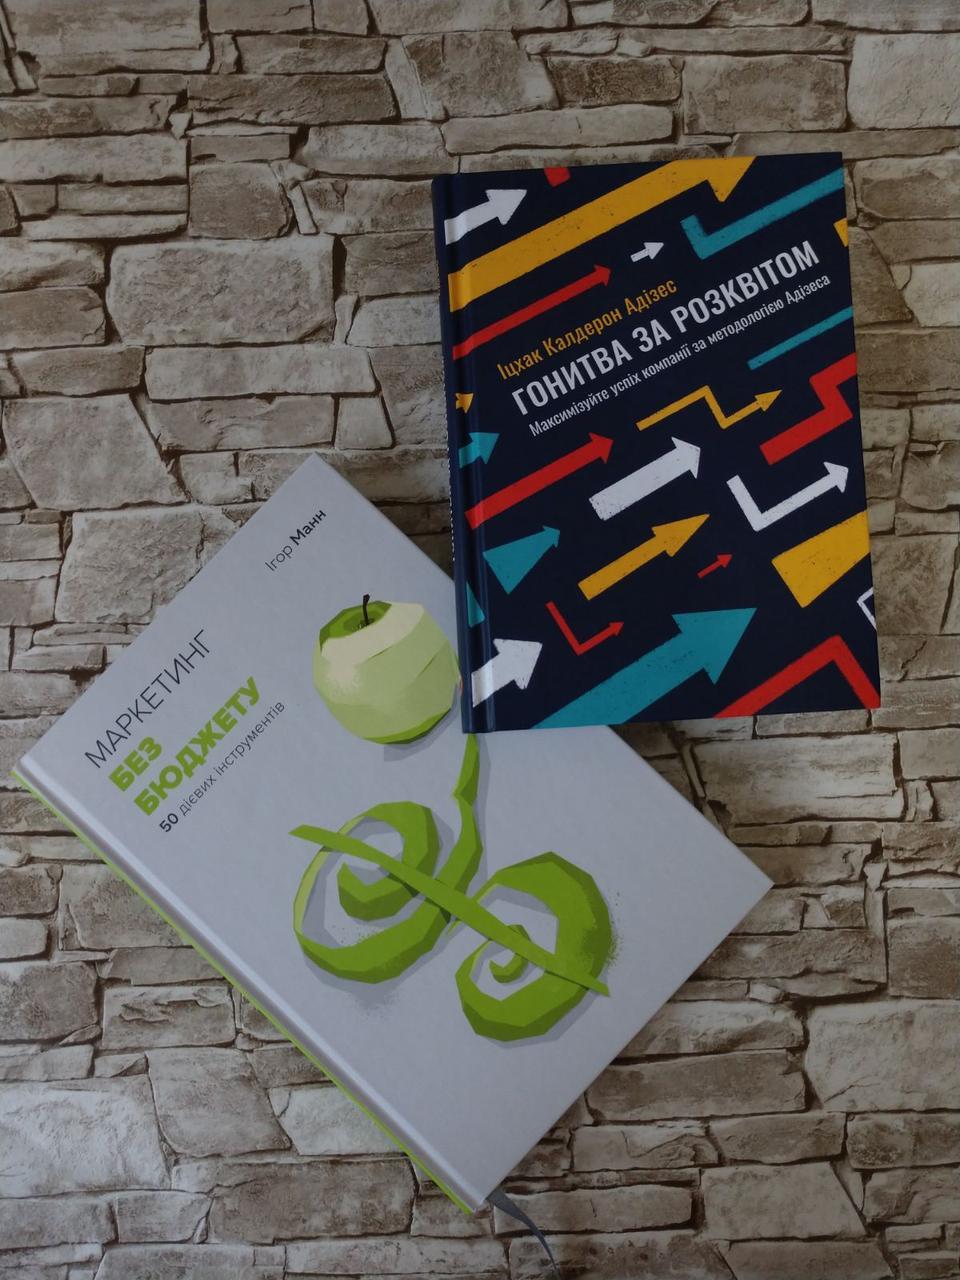 """Набор книг """"Маркетинг без бюджету"""" І. Манн, """"Гонитва за Розквітом"""" І. К. Адізес"""